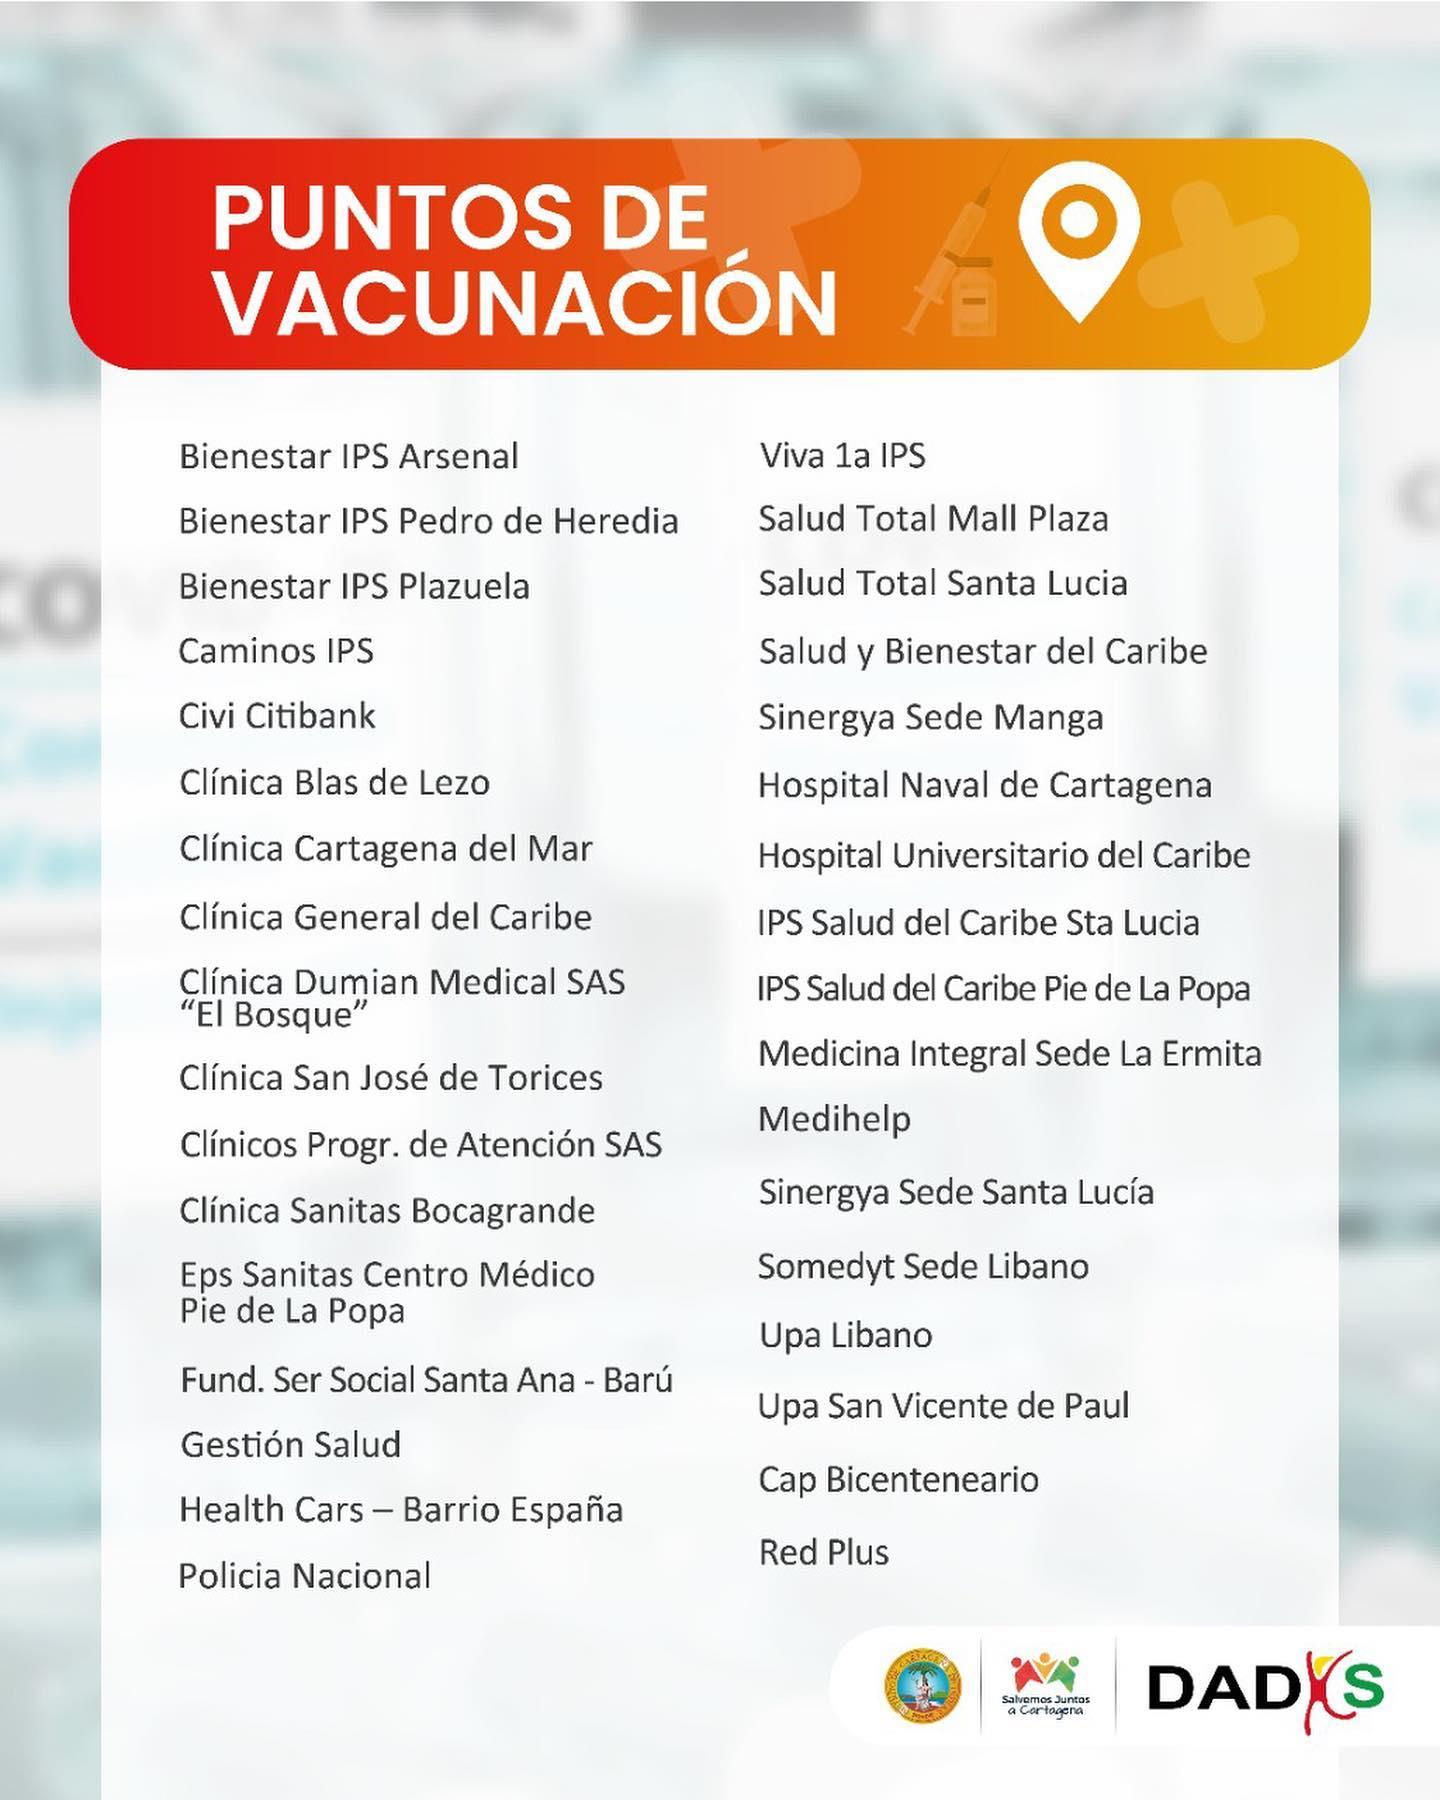 puntos de vacunación Cartagena